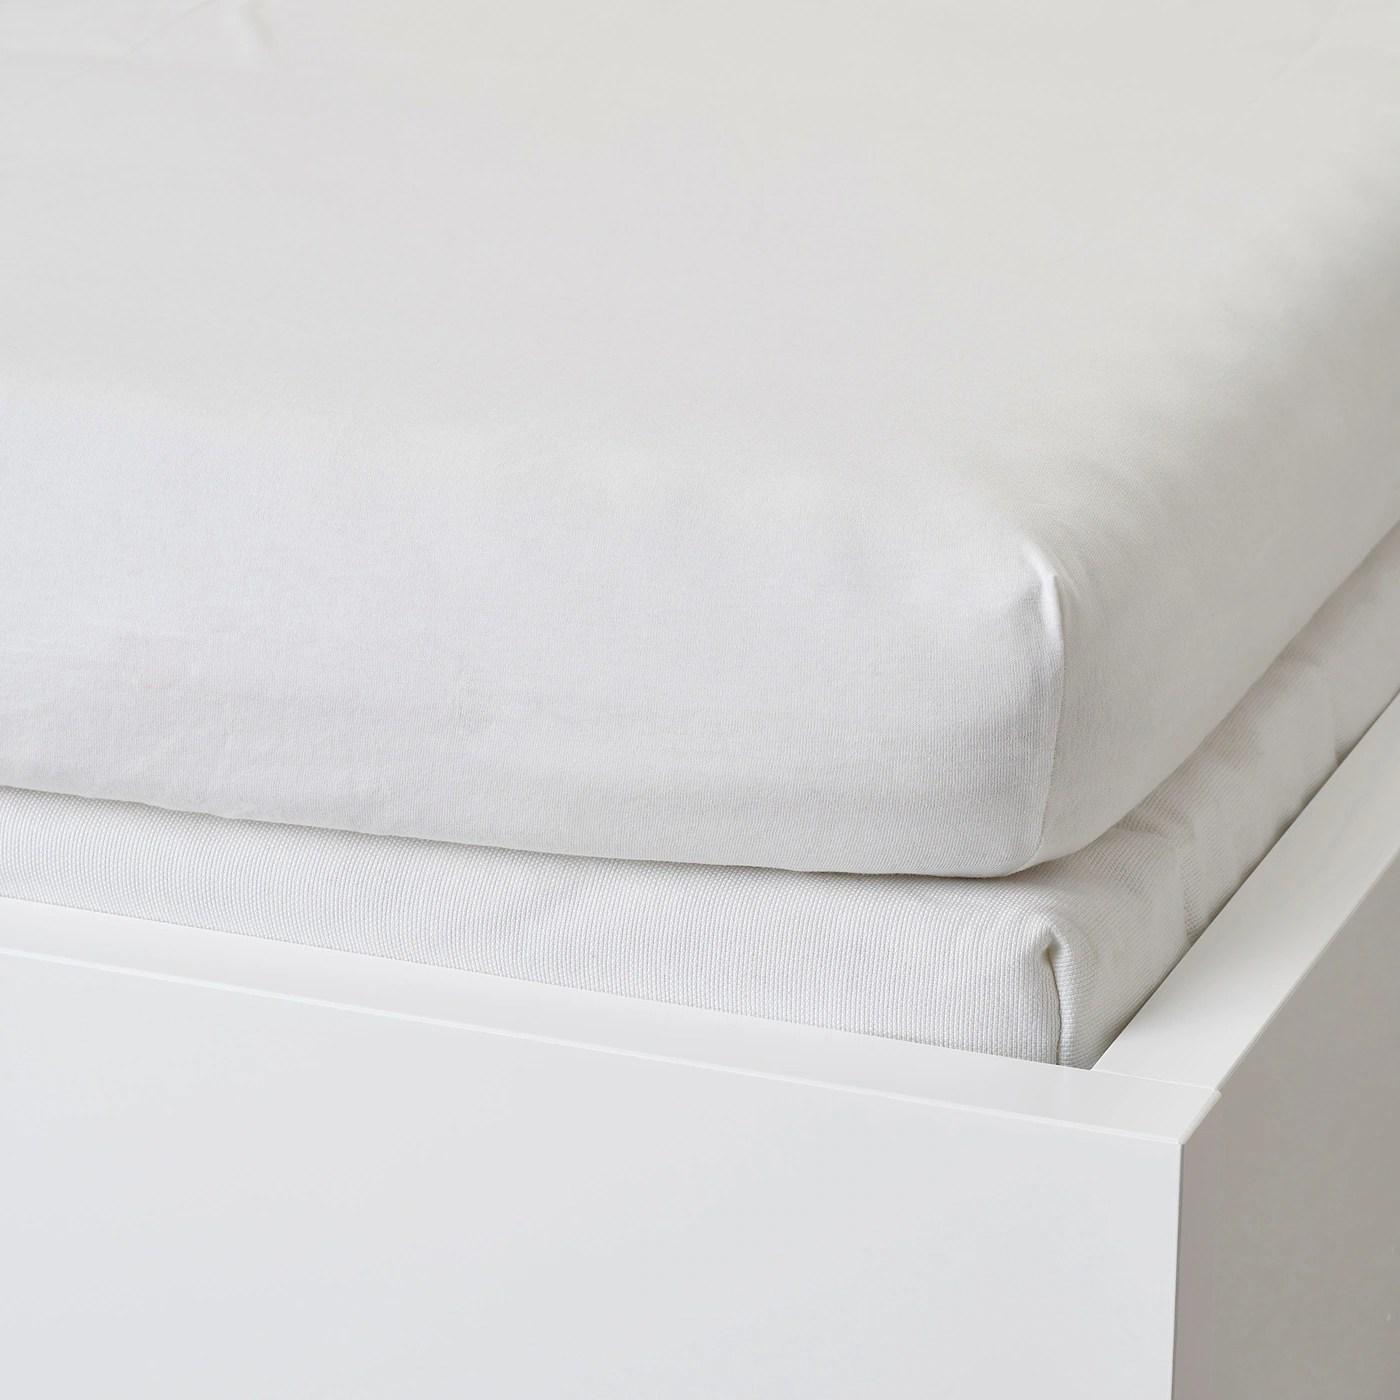 Varvial Drap Housse Pour Divan Blanc 80x200 Cm Ikea